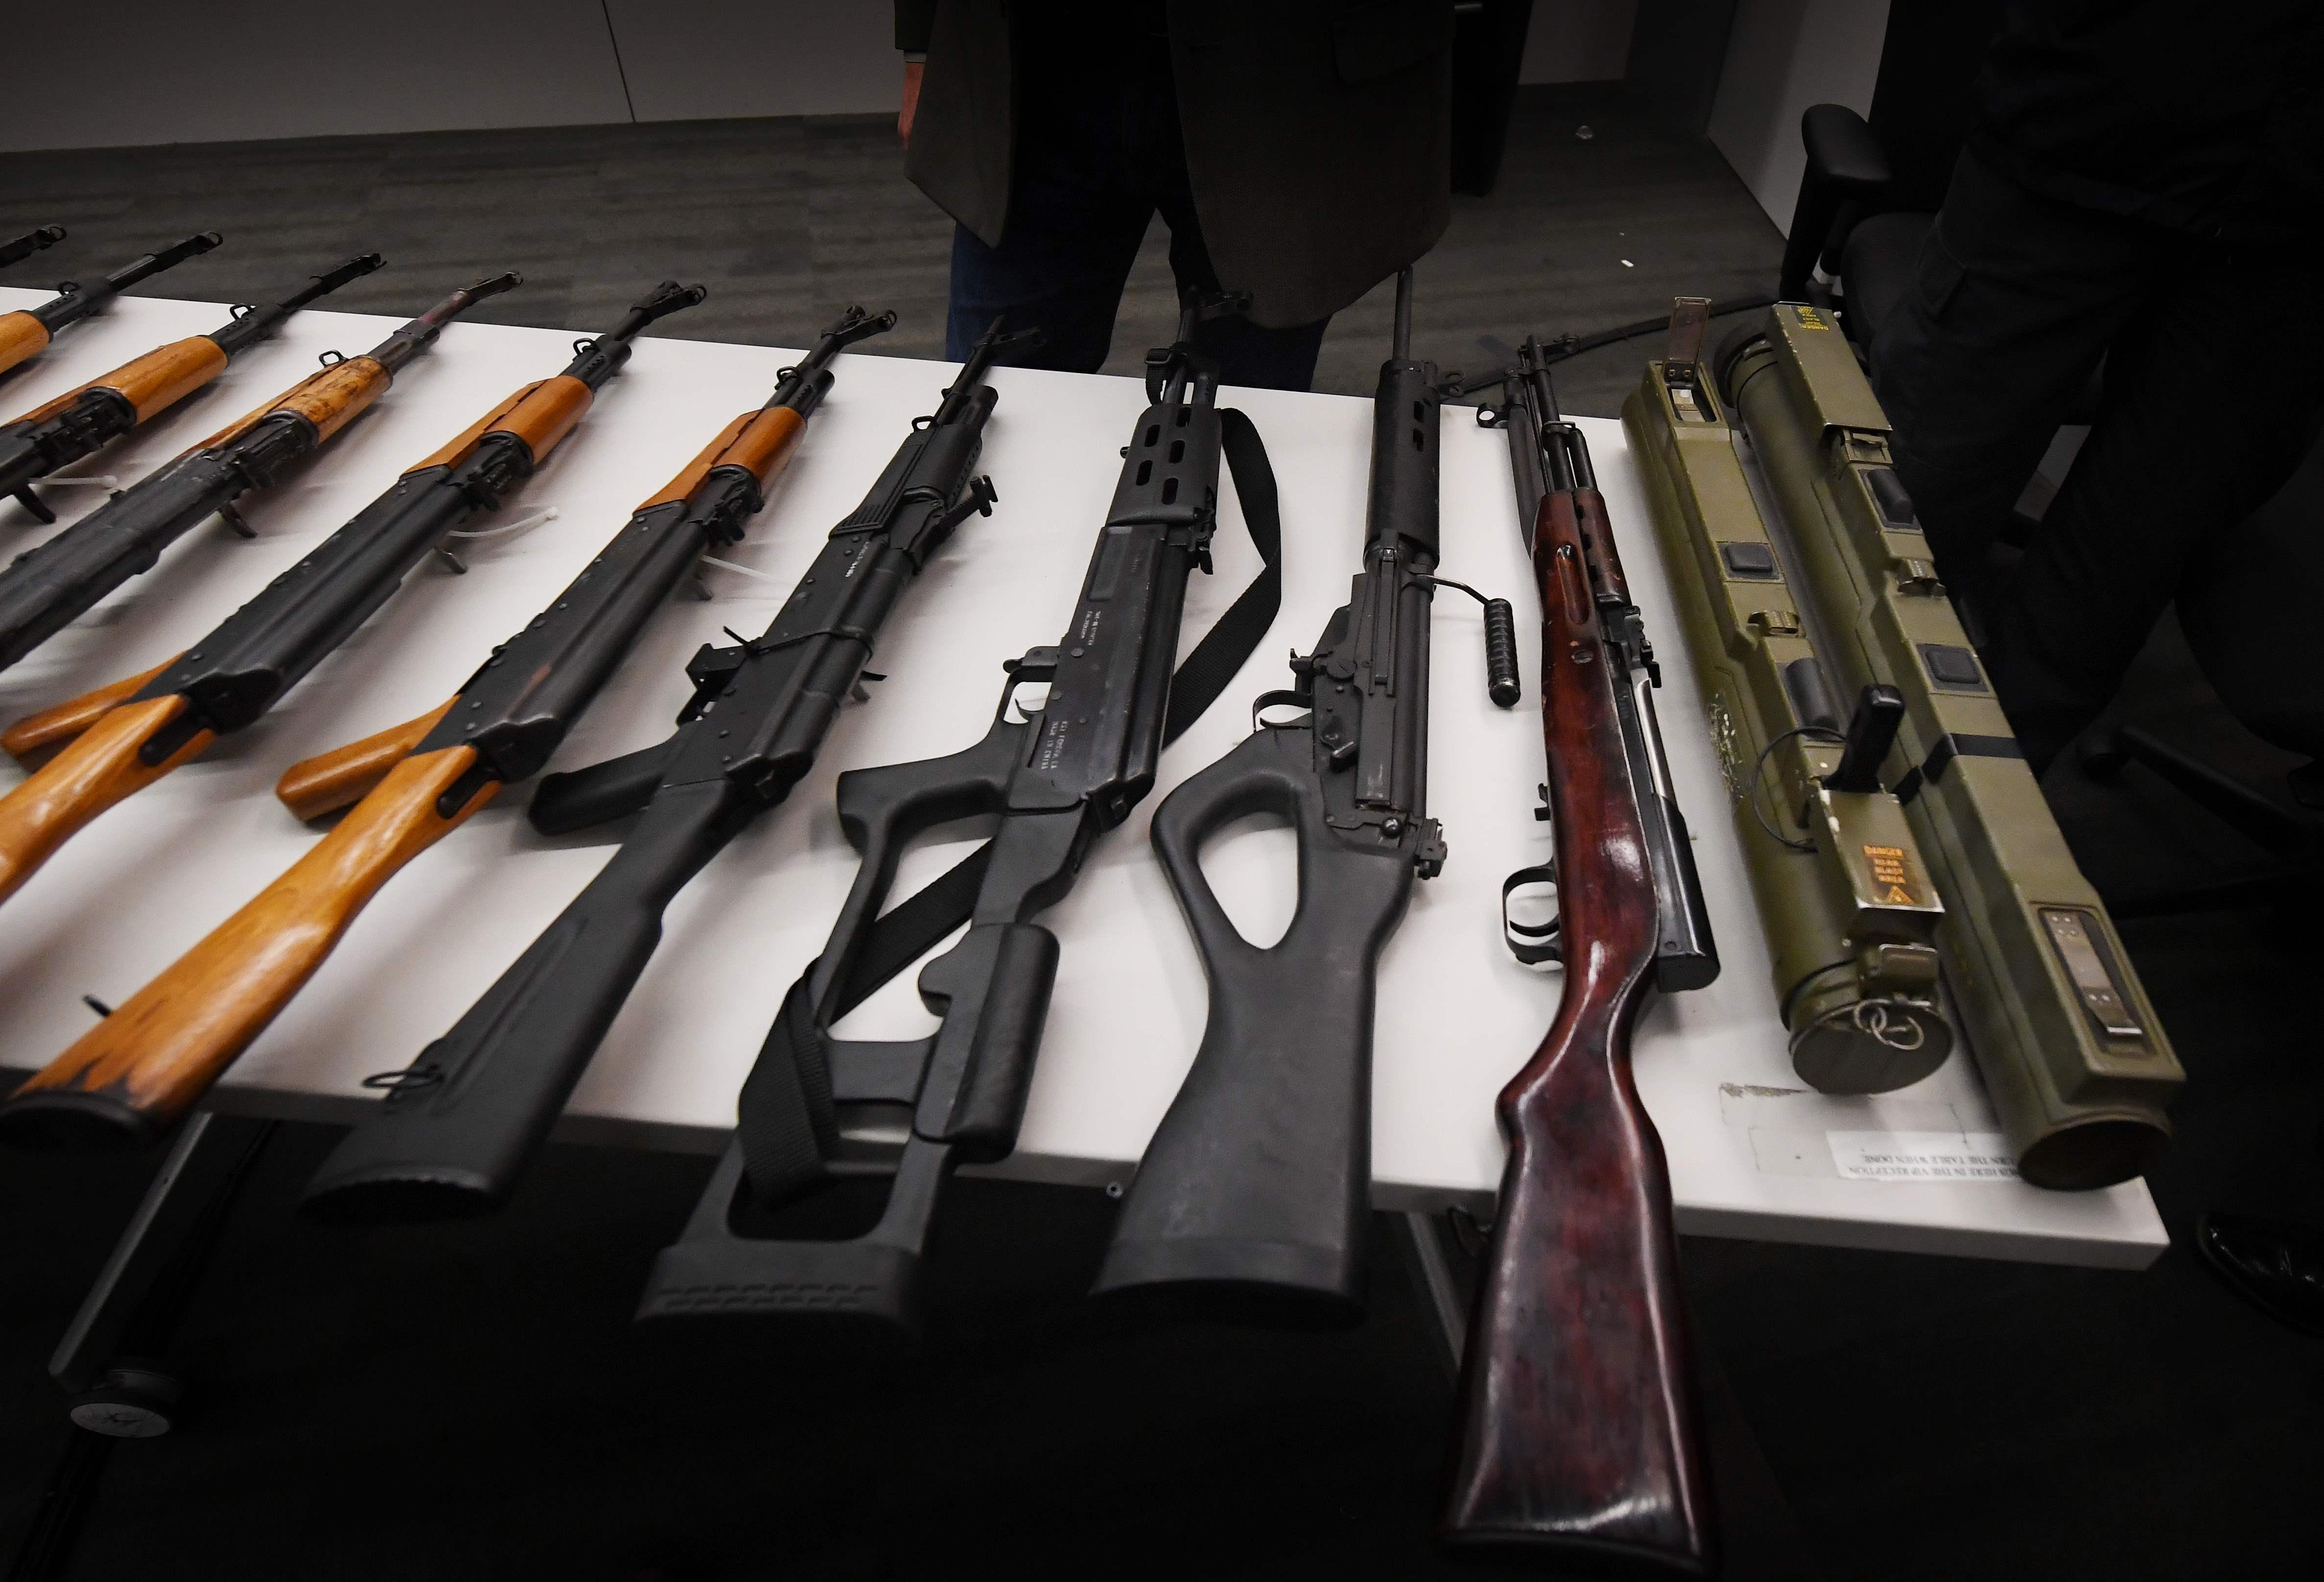 أسلحة فى لوس أنجلوس